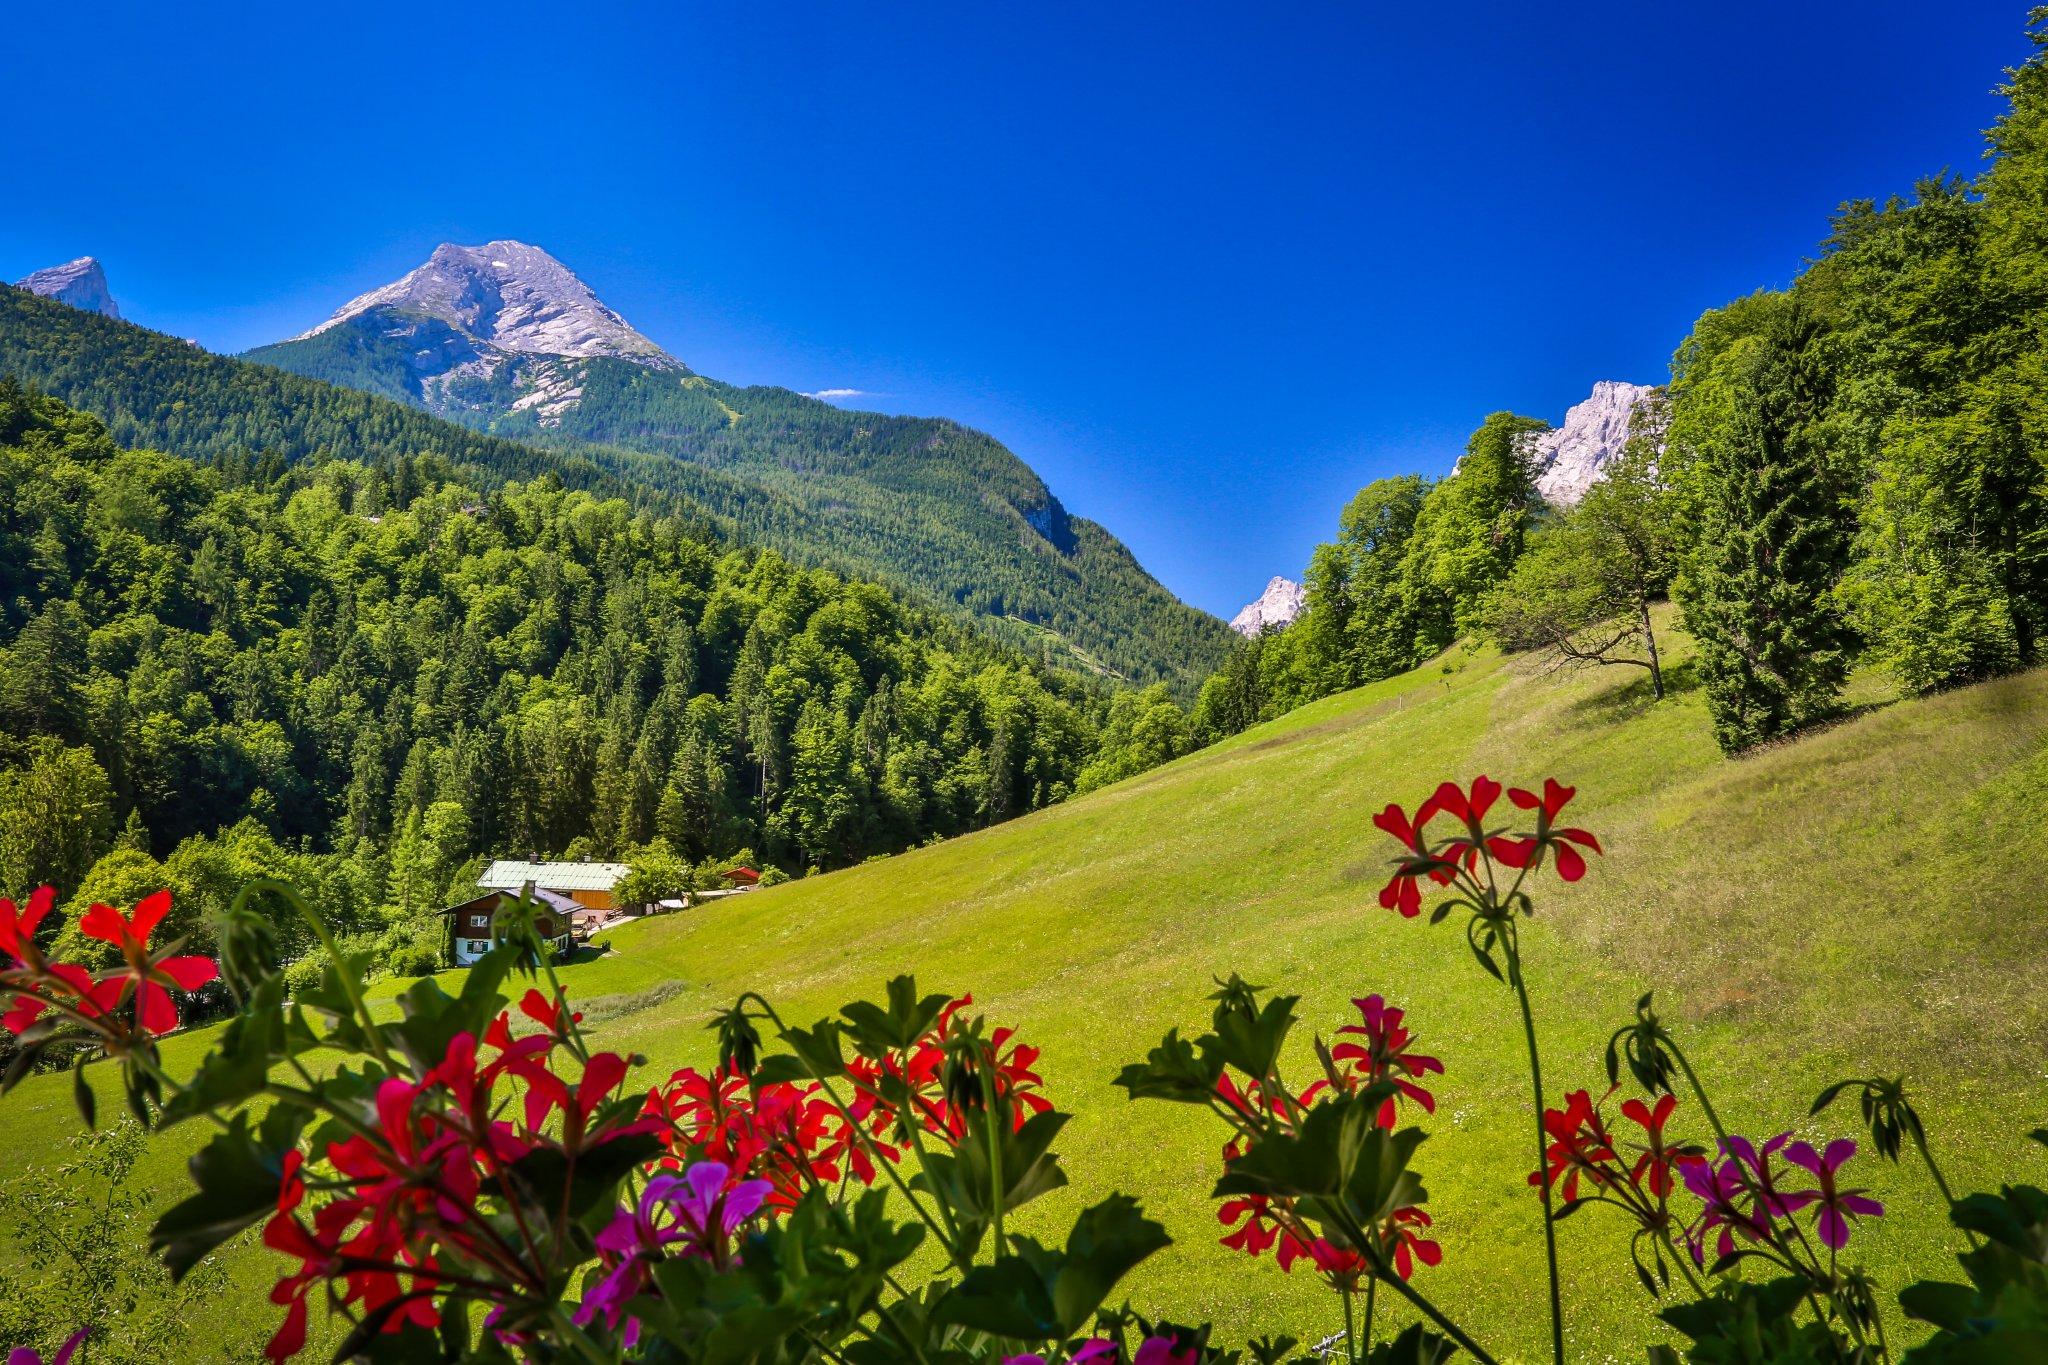 Blick auf die Berge, wunderschön...